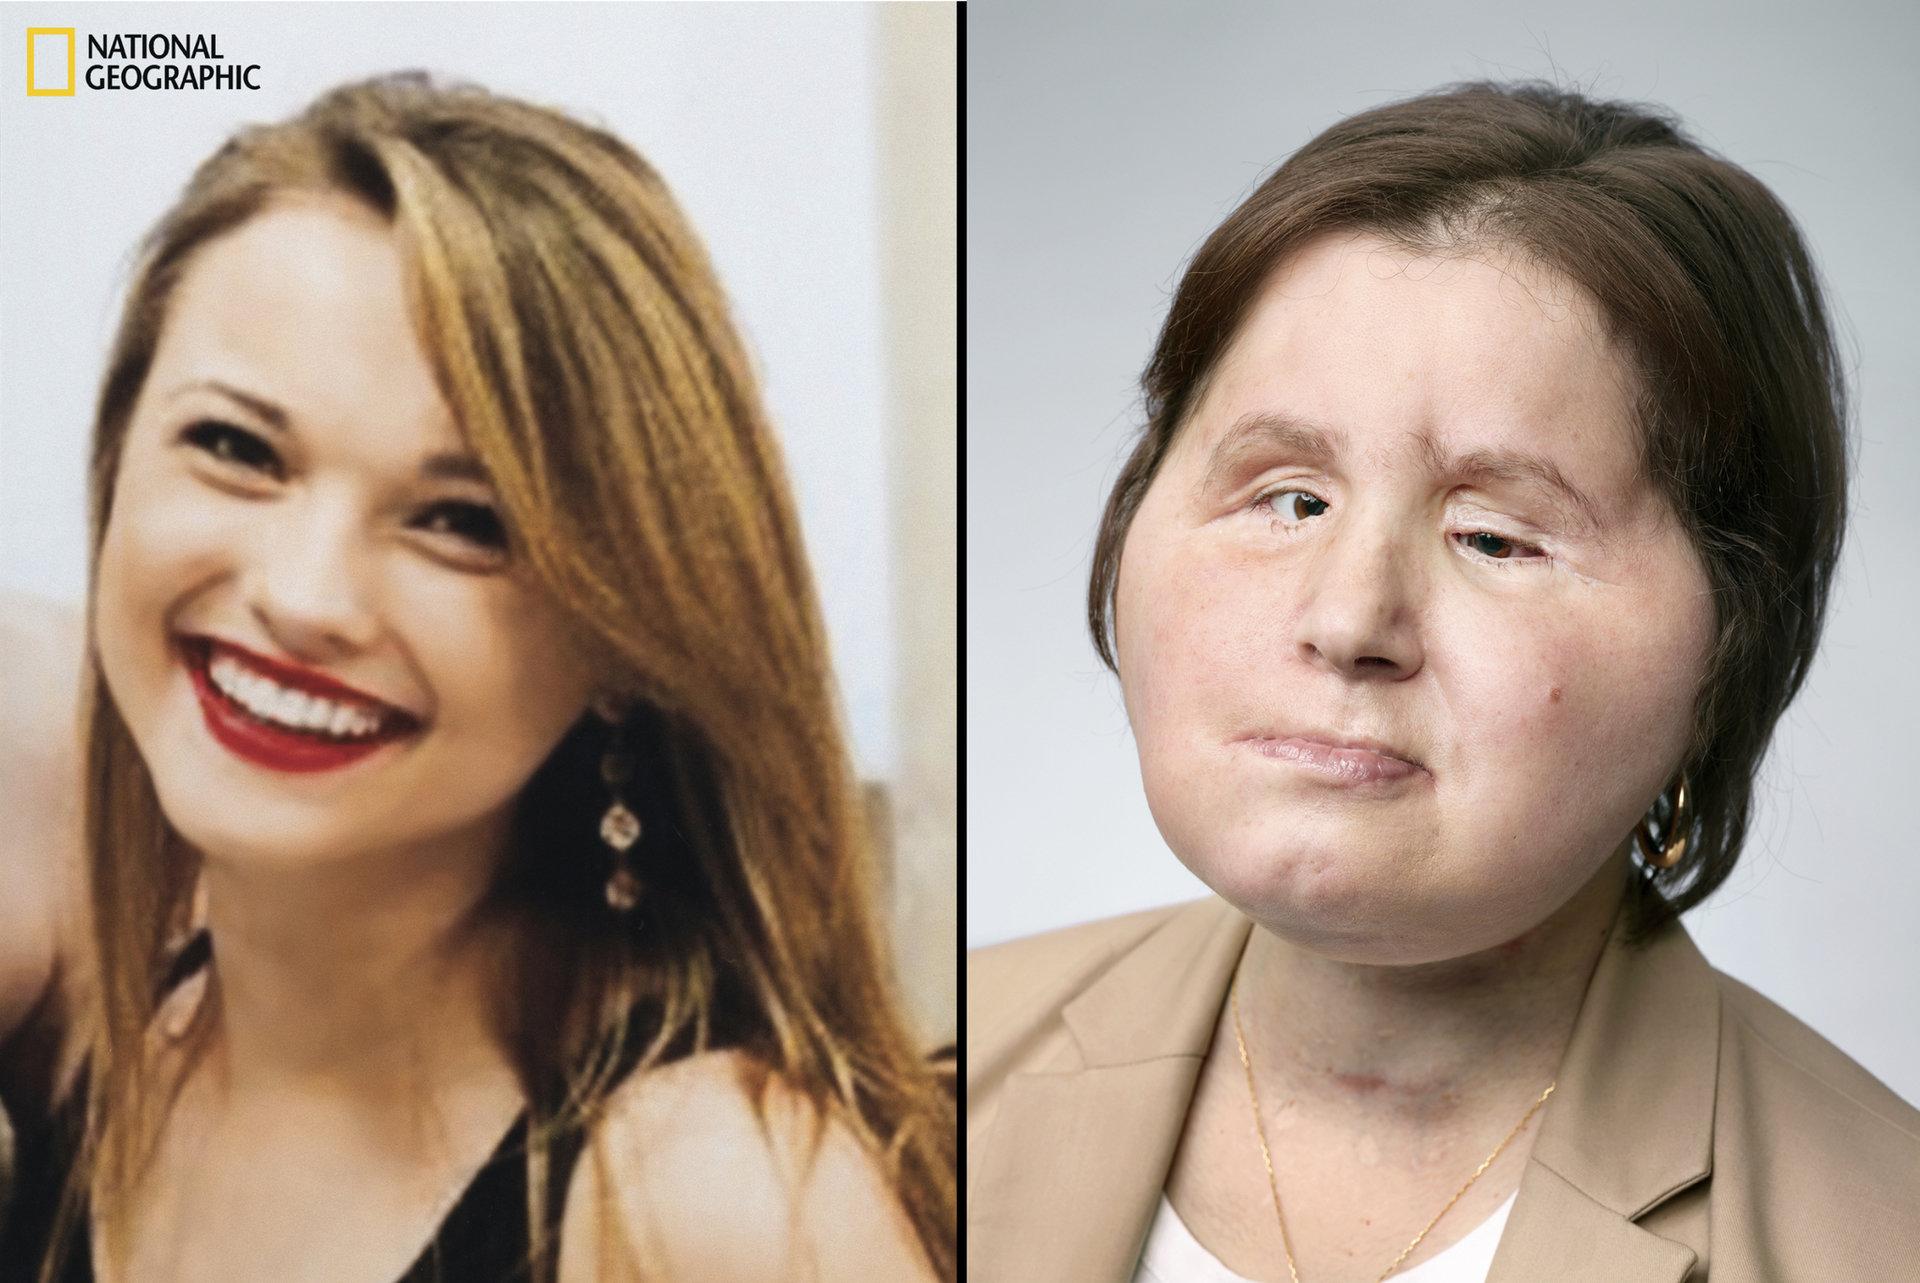 Nowe życie Katie. National Geographic przedstawi historię przeszczepu twarzy u najmłodszej pacjentki w USA